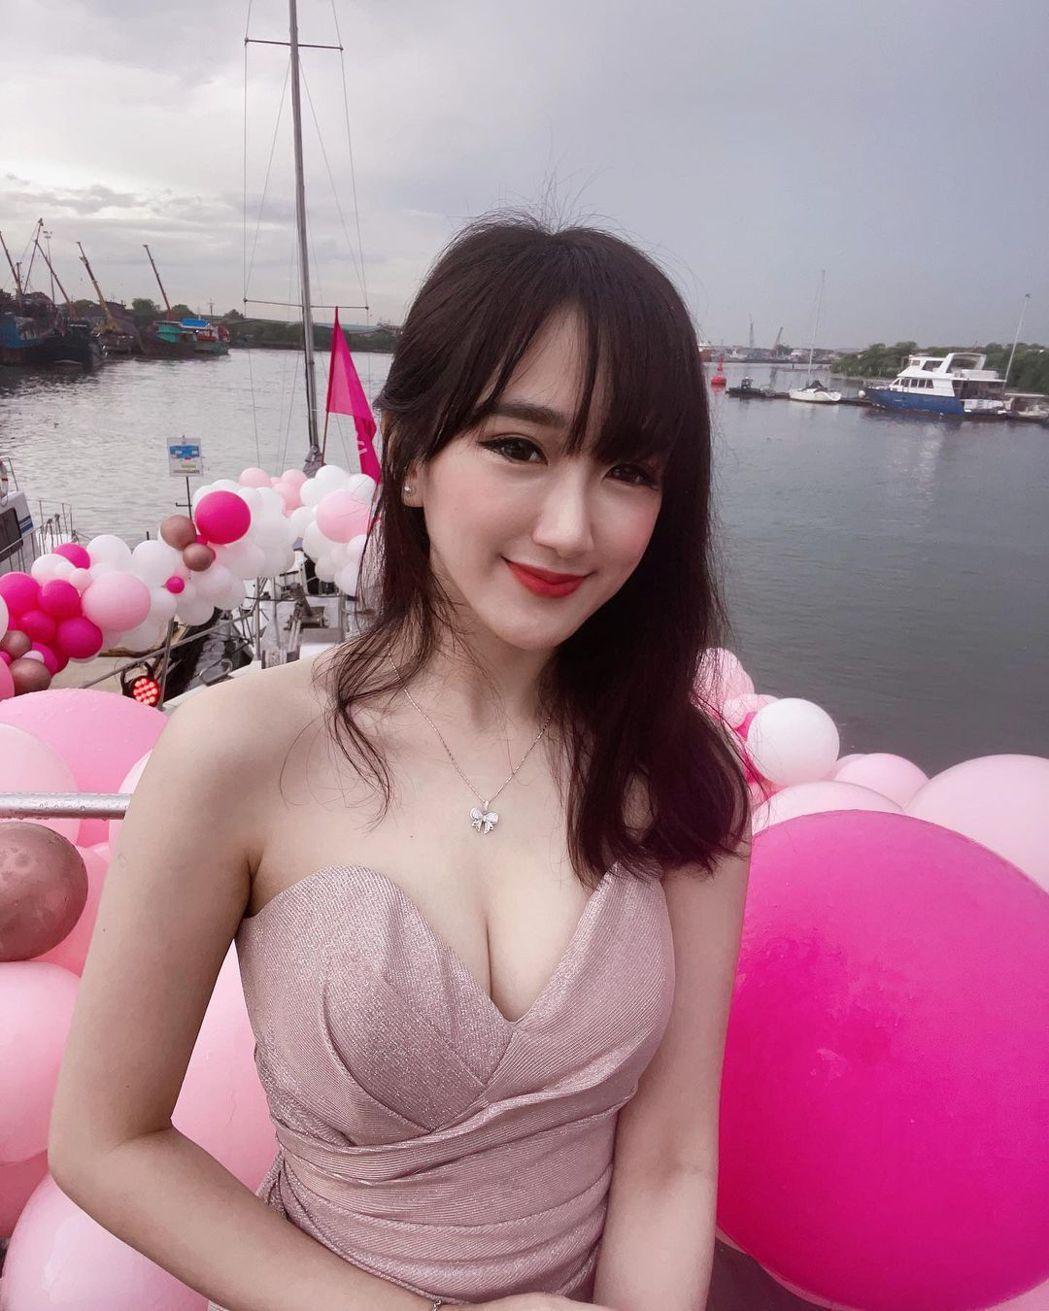 圖/擷自YBB楊虹玲IG